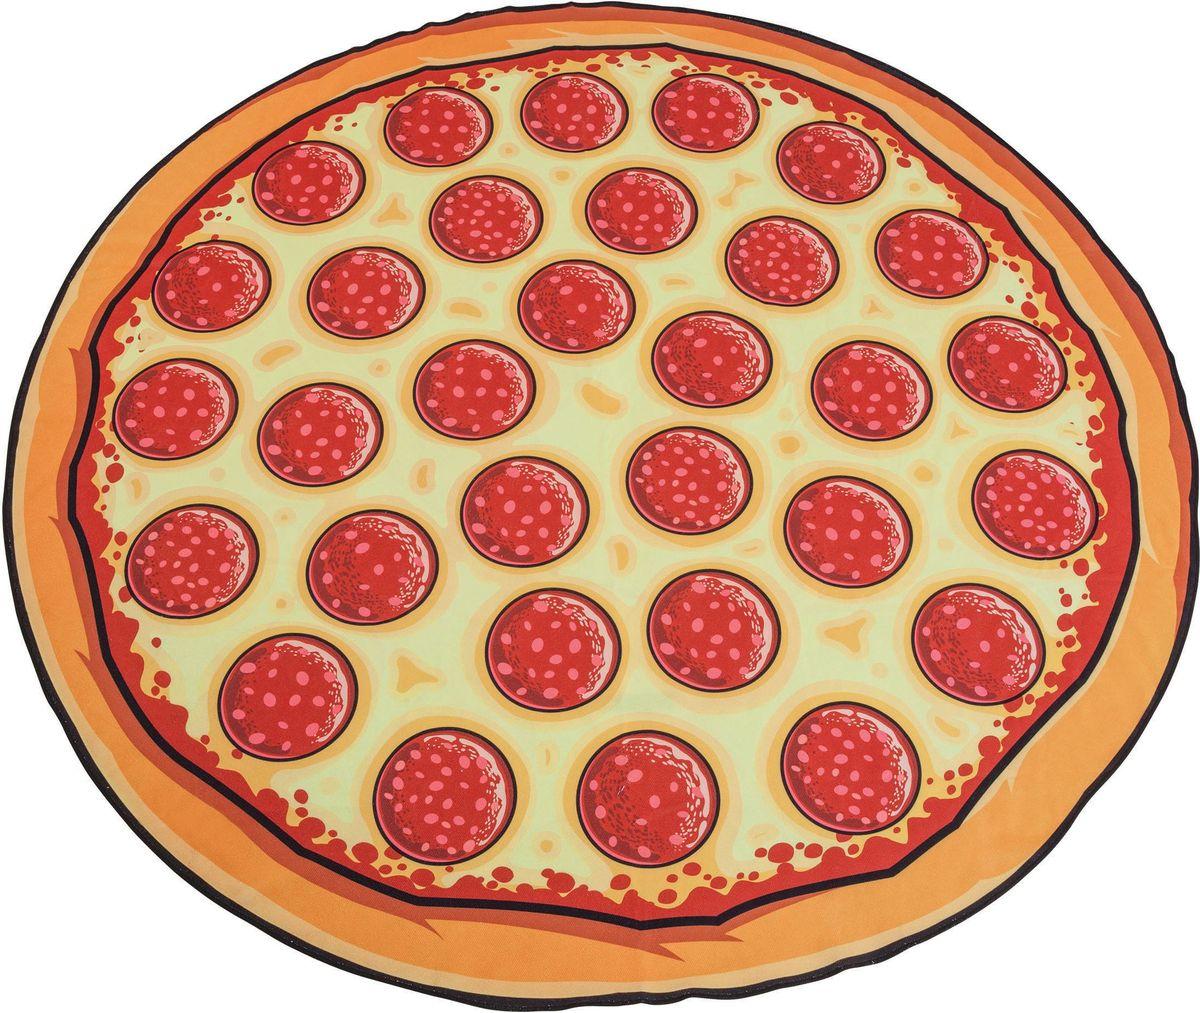 Покрывало пляжное BigMouth Pizza81-396_зеленый, цветыПляжные покрывала Big Mouth отличаются яркими и незаурядными дизайнами, за счет чего сразу приковывают к себе внимание. На них приятно расположиться у моря или бассейна в жаркий летний день и ловить на себе согревающие солнечные лучи. Благодаря тому, что изделия имеют довольно крупные размеры, они прекрасно подходят как для детей, так и для взрослых. Легкий и приятный на ощупь материал подарит максимальный комфорт, а оригинальный окрас подчеркнет вашу индивидуальность. Покрывало можно использовать еще и в качестве пляжного полотенца, ведь тыльная сторона изделия выполнена из мягкой ткани, хорошо впитывающей влагу.